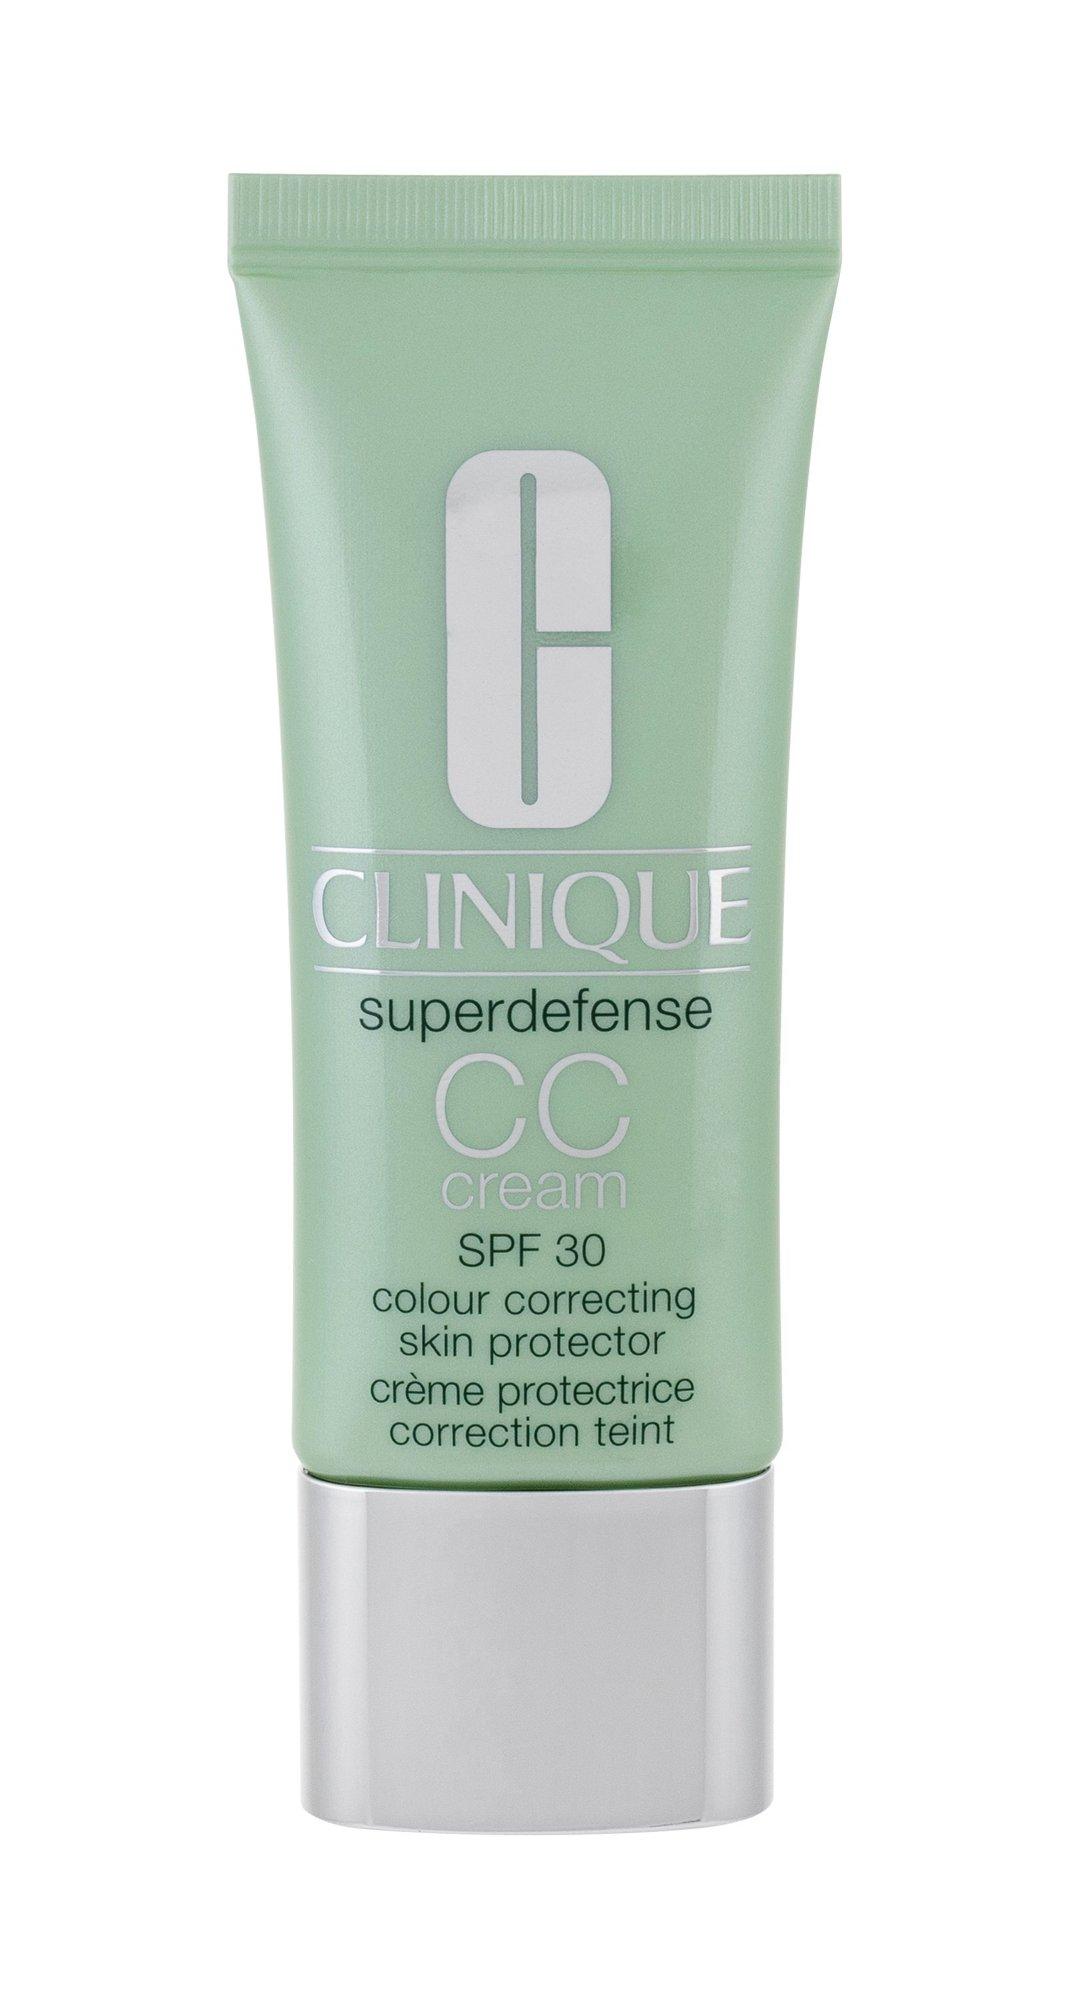 Clinique Superdefense Cosmetic 40ml Medium Deep